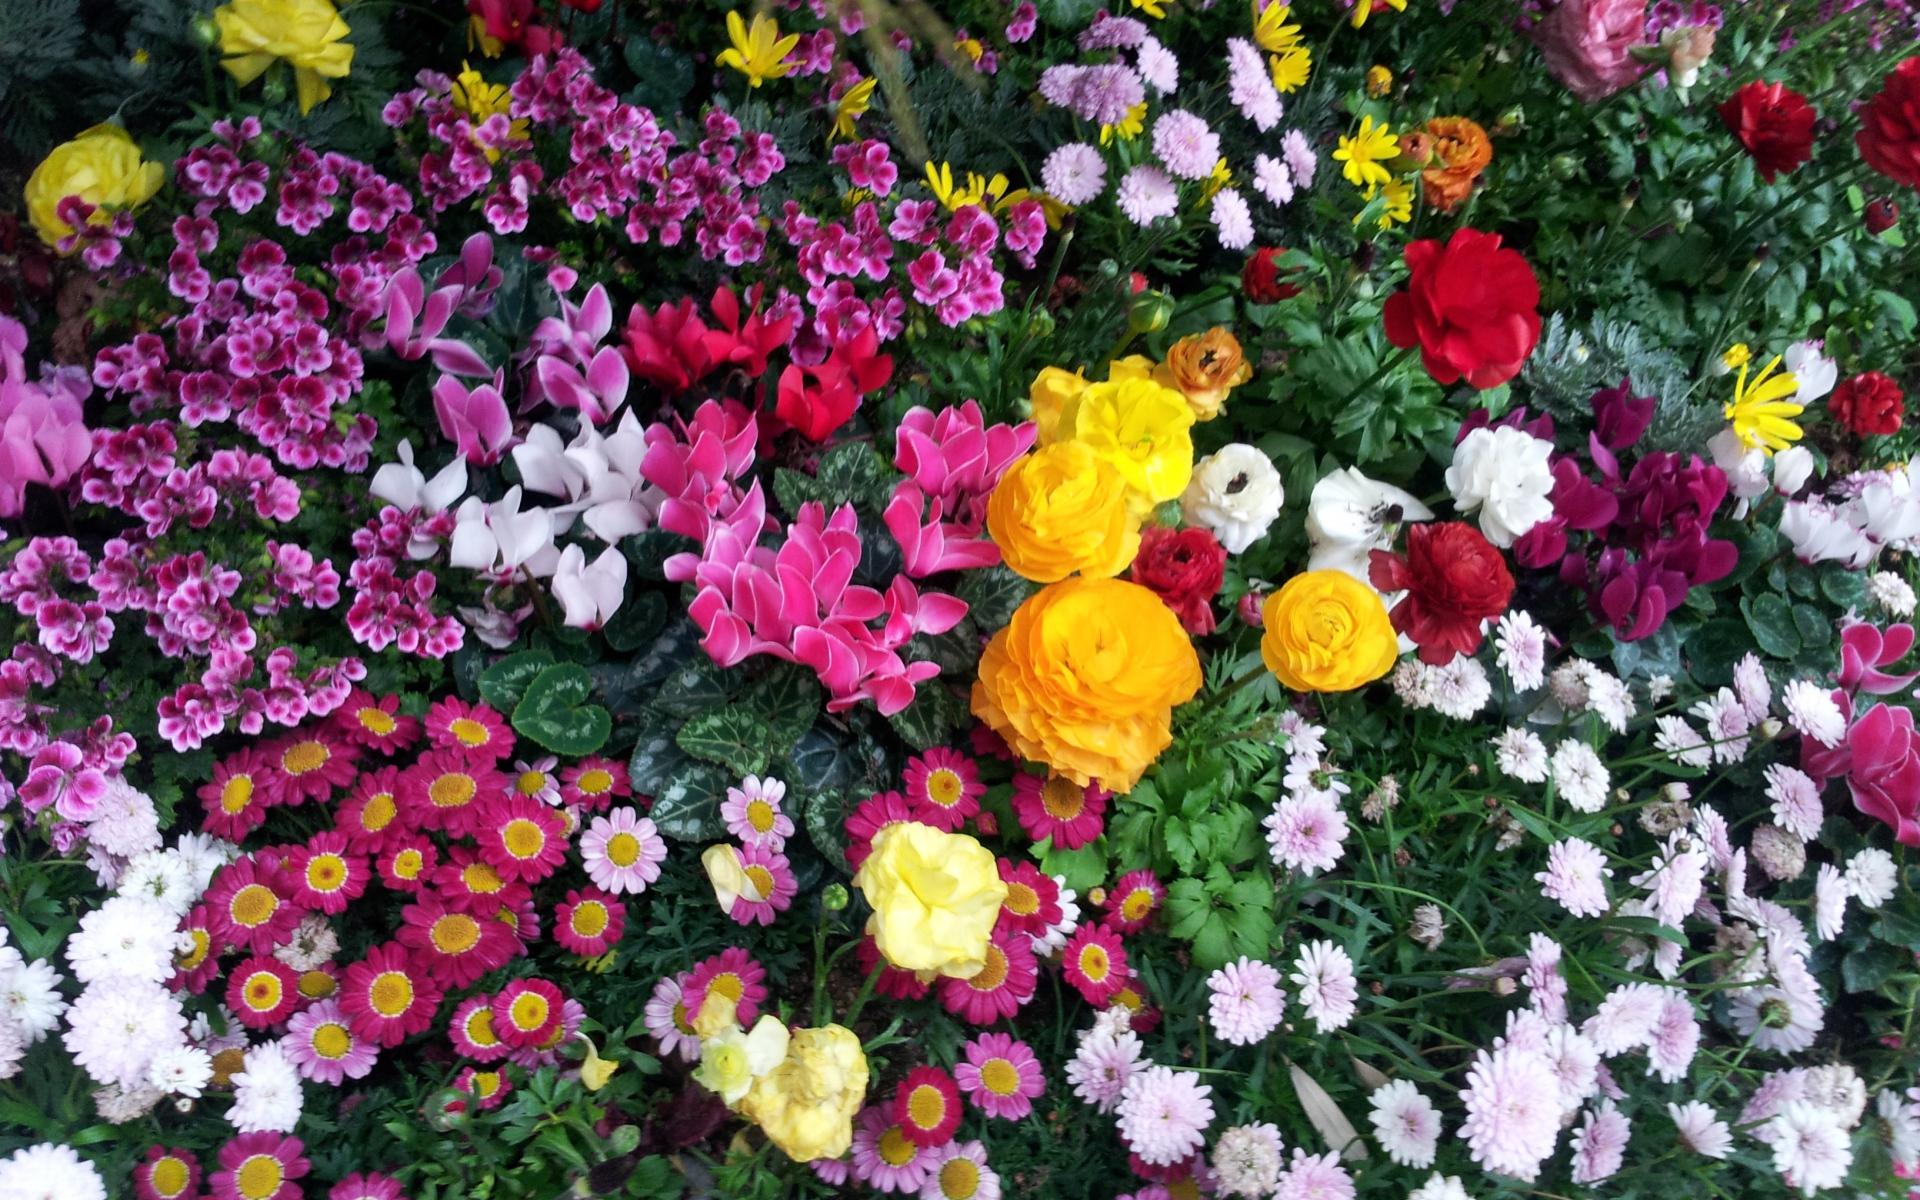 Названия и картинки разных цветов